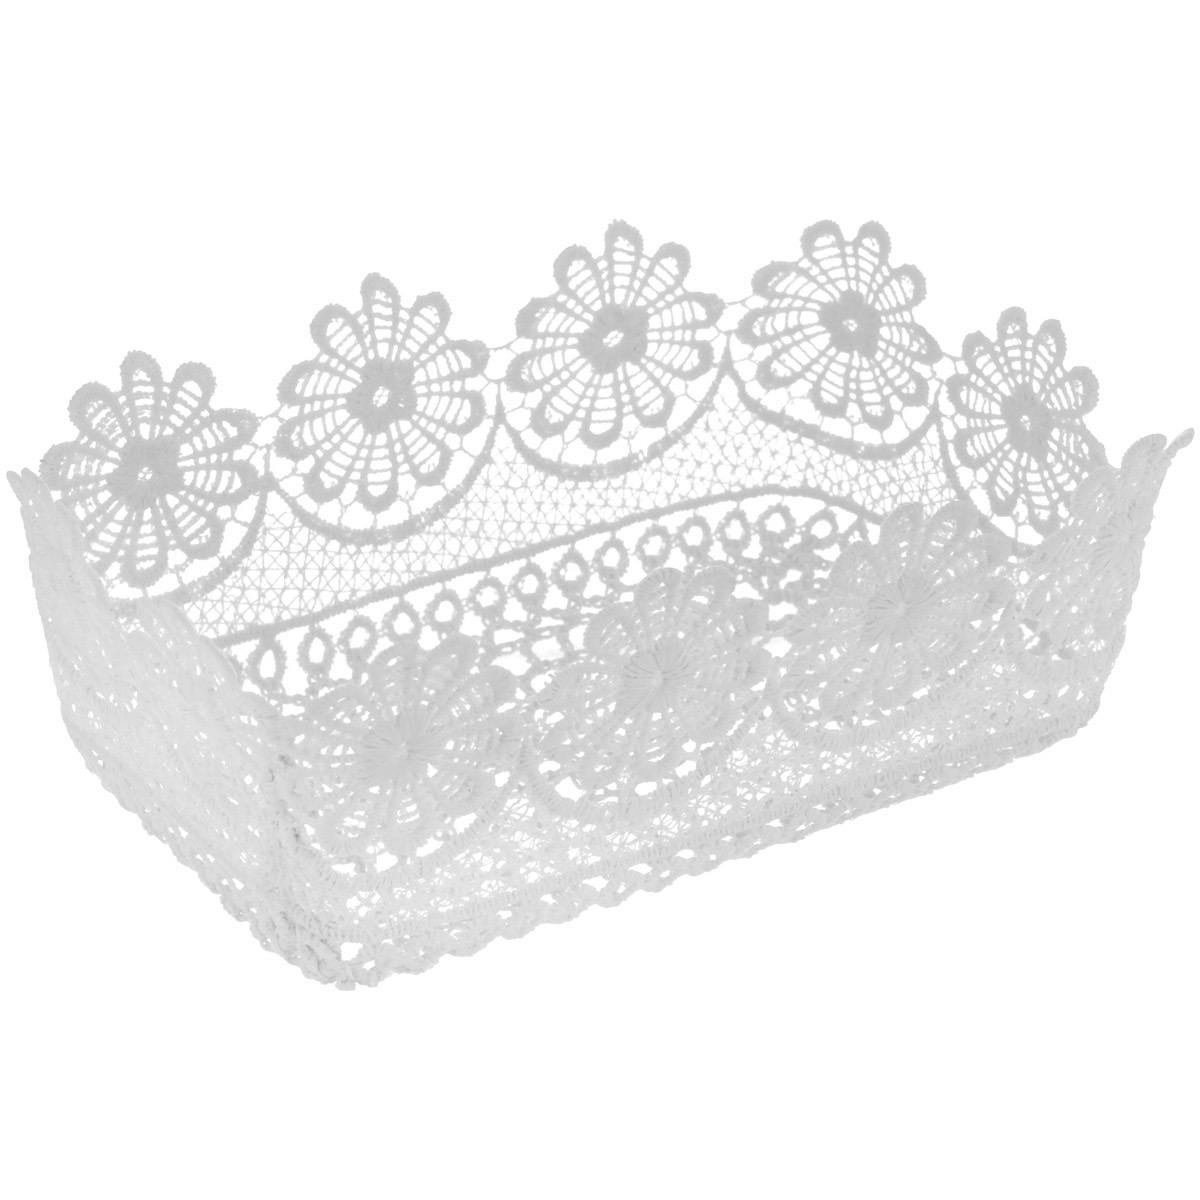 Корзинка Home Queen Ромашки, цвет: белый, 20,5 х 13 х 7,5 смC0027367Прямоугольная корзинка Home Queen Ромашки предназначена для украшения интерьера и сервировки стола. Изделие выполнено из полиэстера с красивым плетением в виде цветочных узоров, имеет жесткую форму. Такая оригинальная корзинка станет ярким украшением стола. Идеальный вариант для хранения пасхальных яиц, хлеба или конфет.